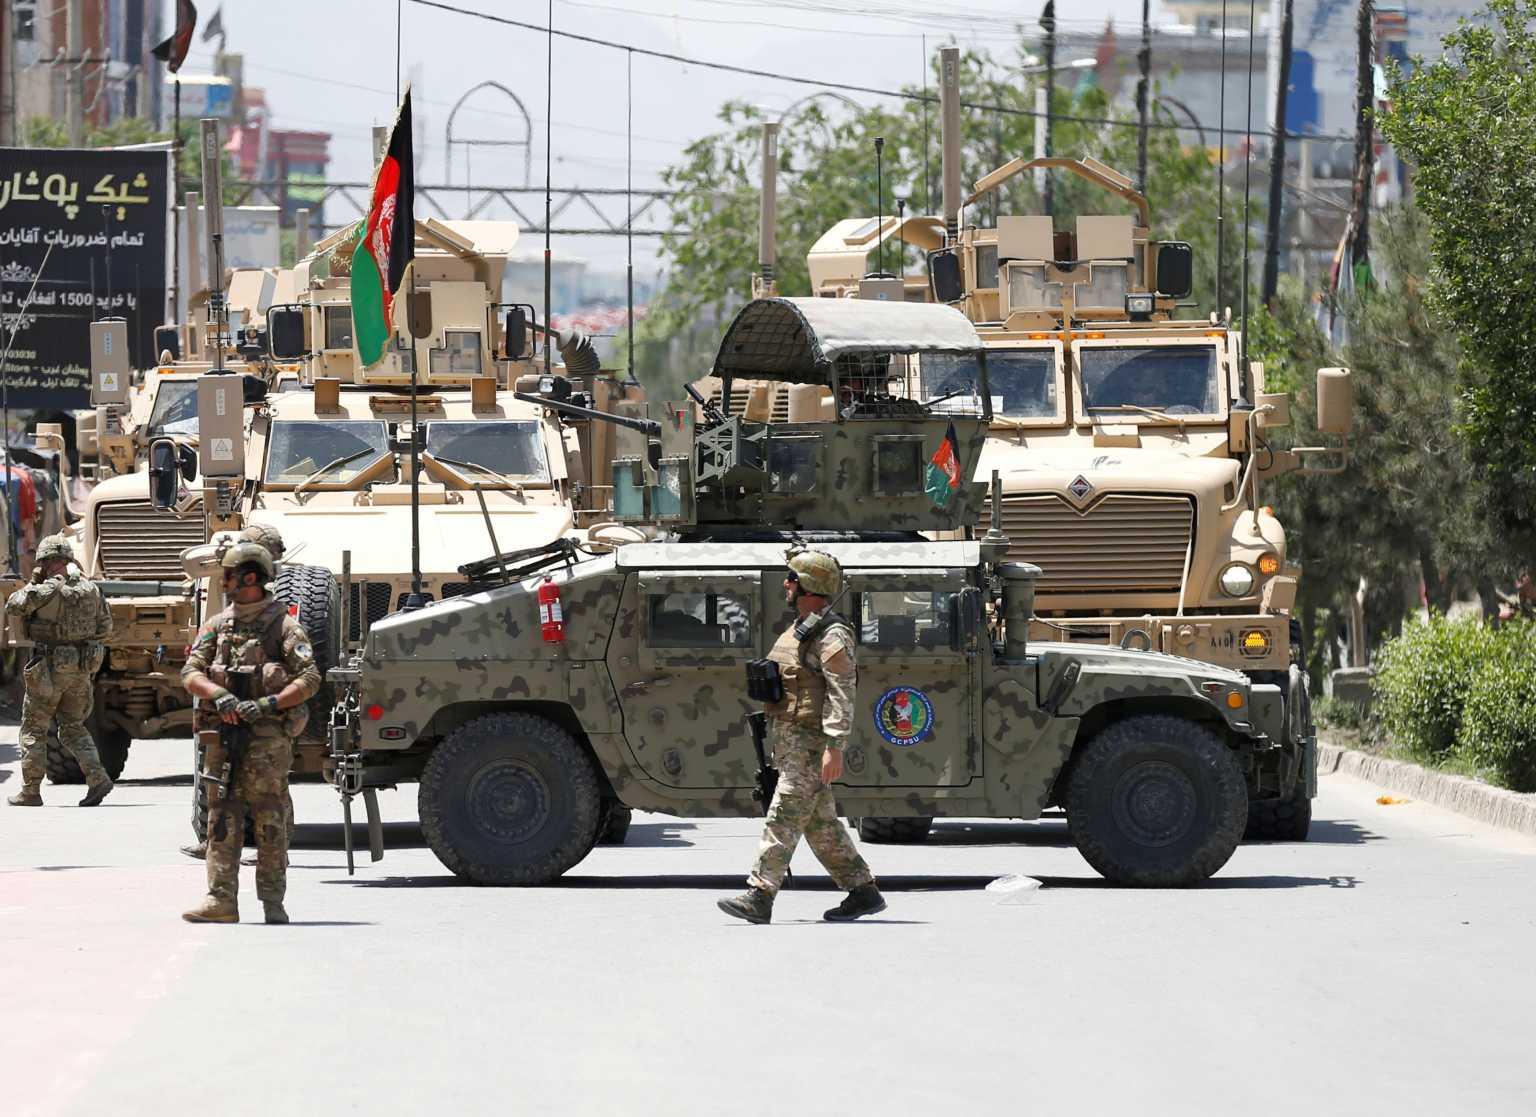 Αφγανιστάν: Στην αντεπίθεση ο στρατός – Νεκροί πάνω από 100 Ταλιμπάν